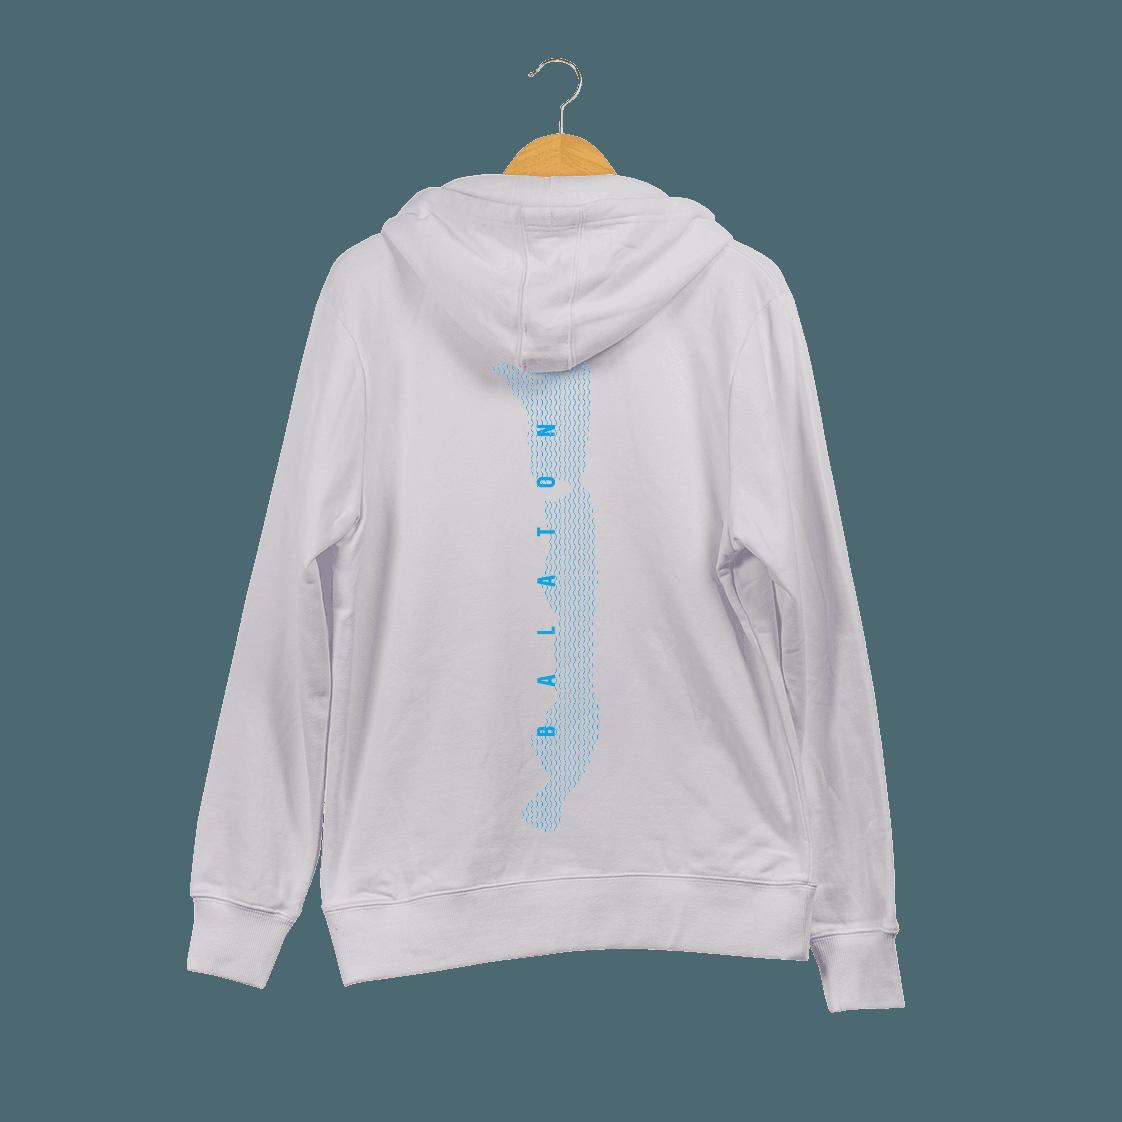 Balaton (férfi kapucnis pulóver)